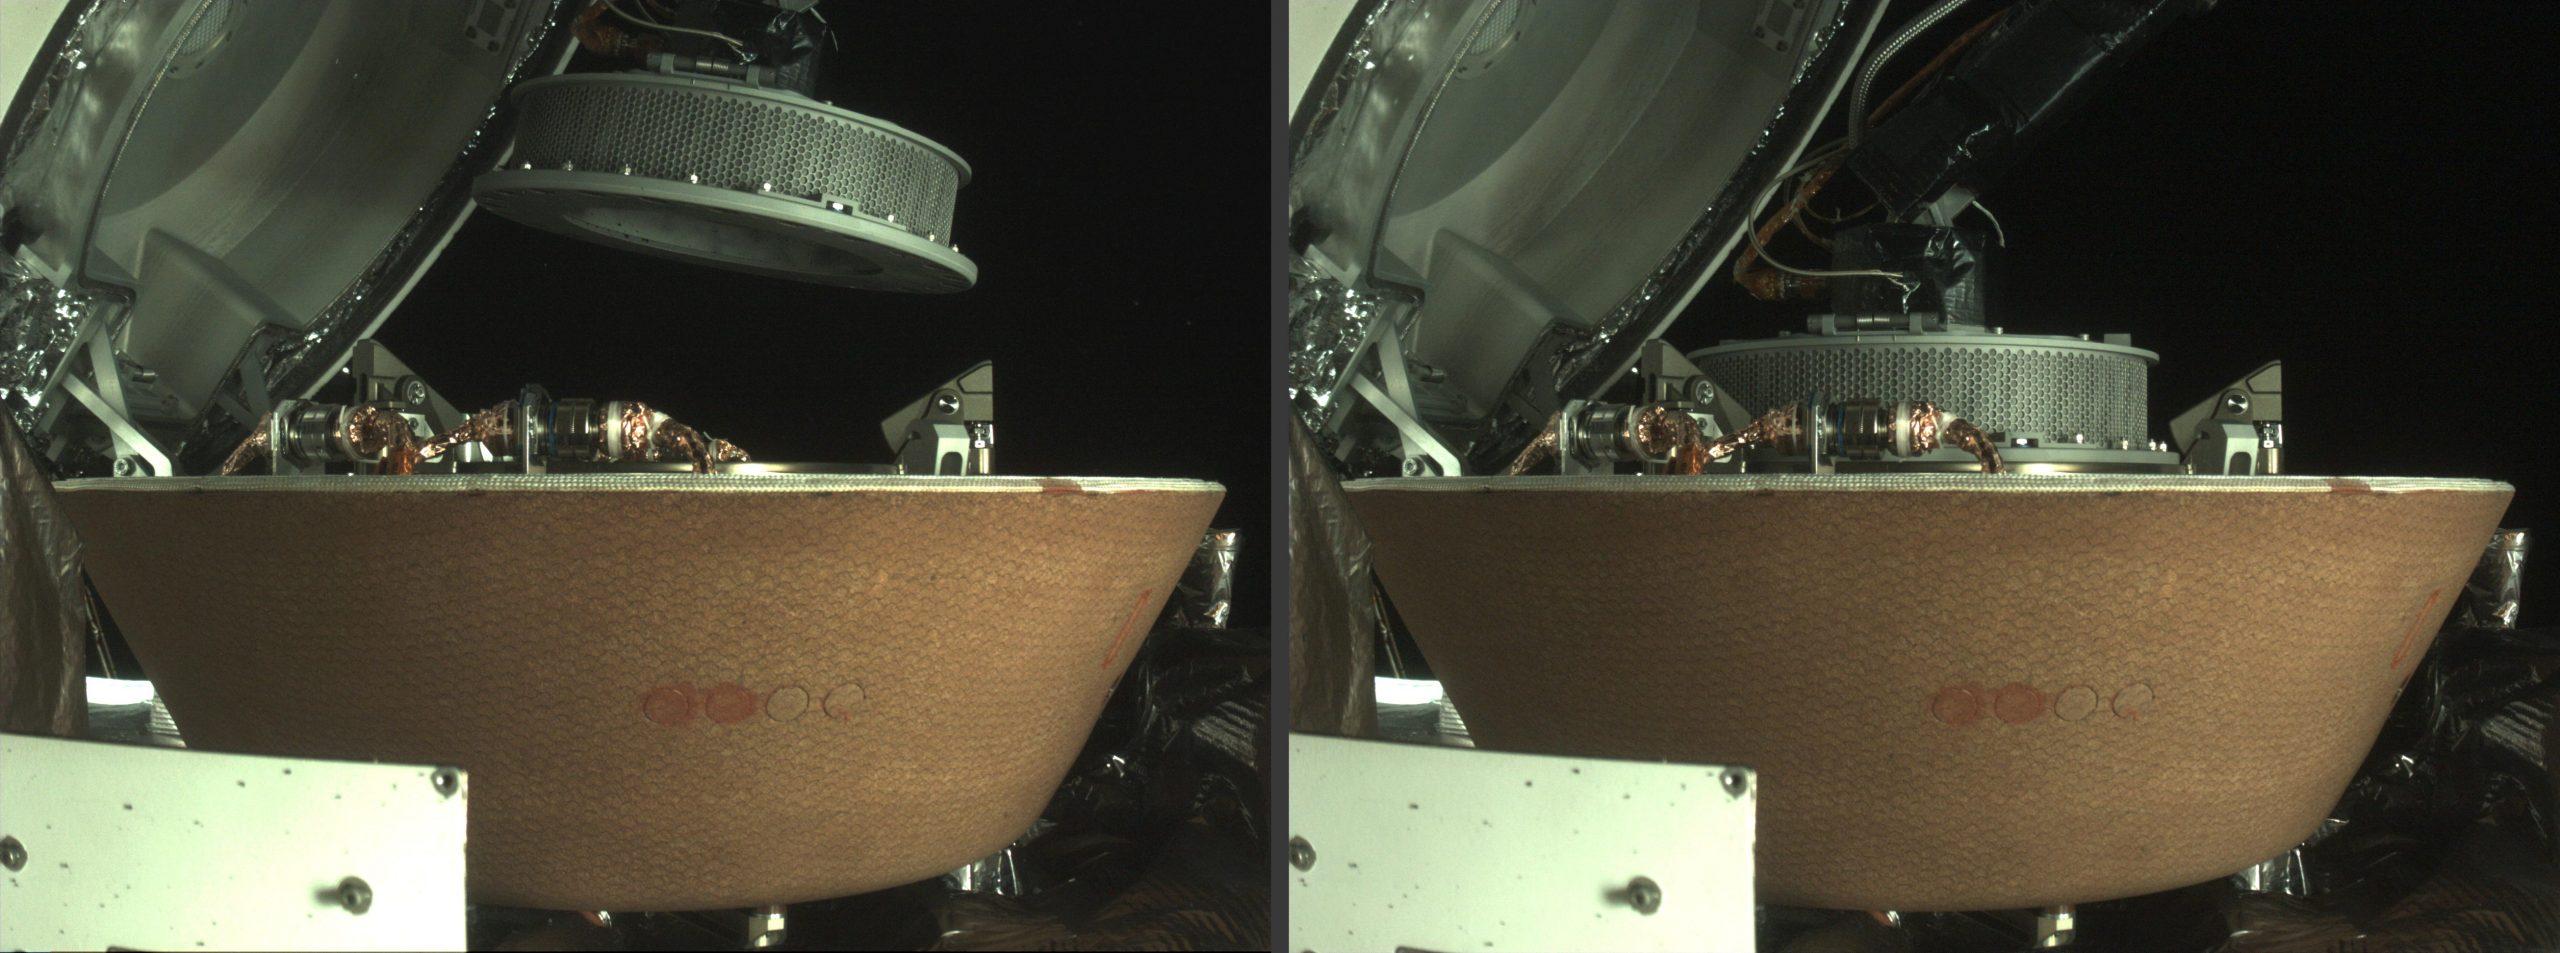 ذخیرهسازی موفق نمونهی سیارک بنو